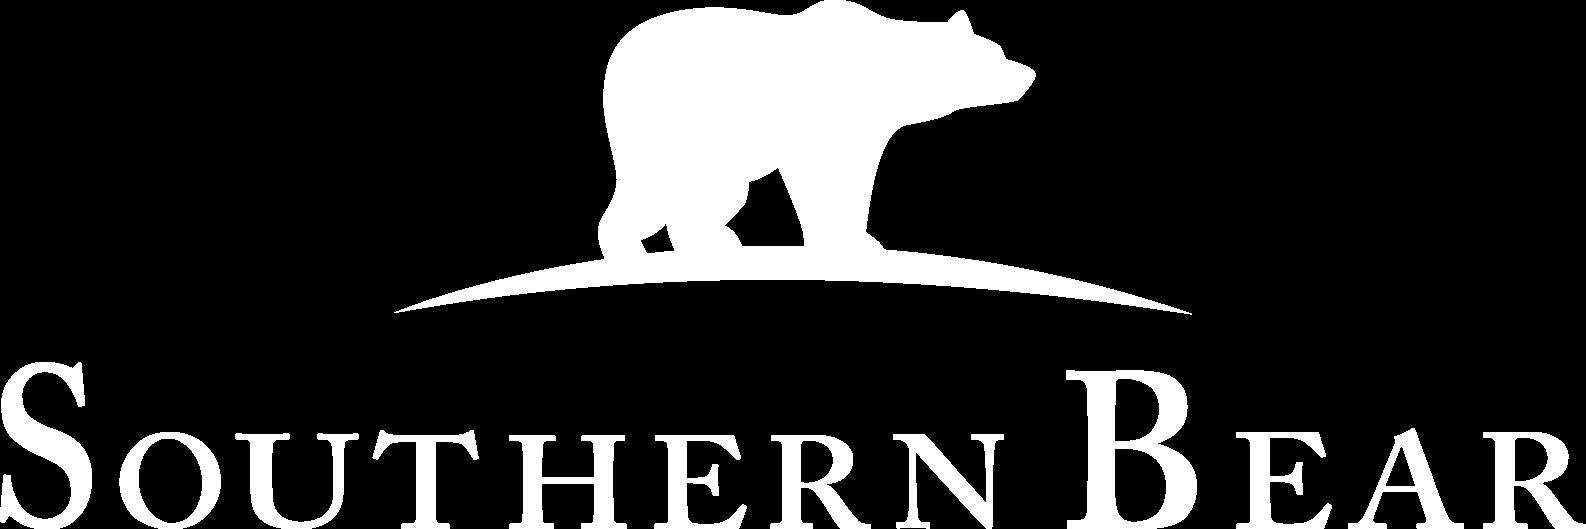 SOUTHERN BEAR LOGO WHITE